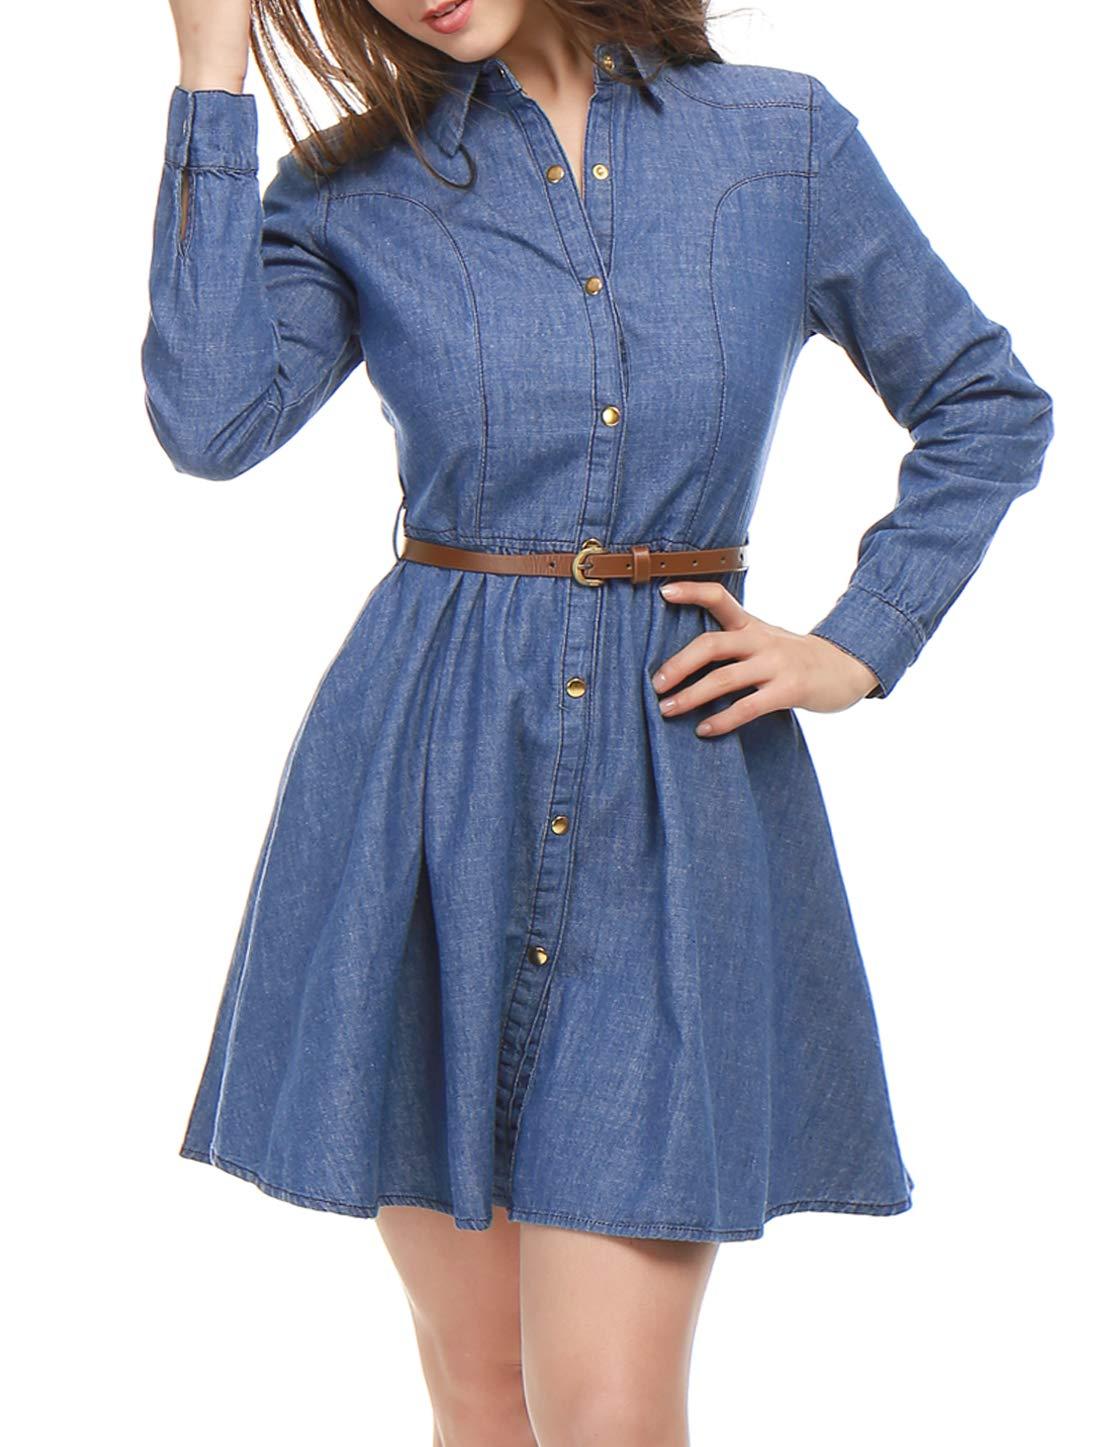 f07fed73ec5 Allegra K Women s Long Sleeves Belted Flared Above Knee Denim Shirt Dress